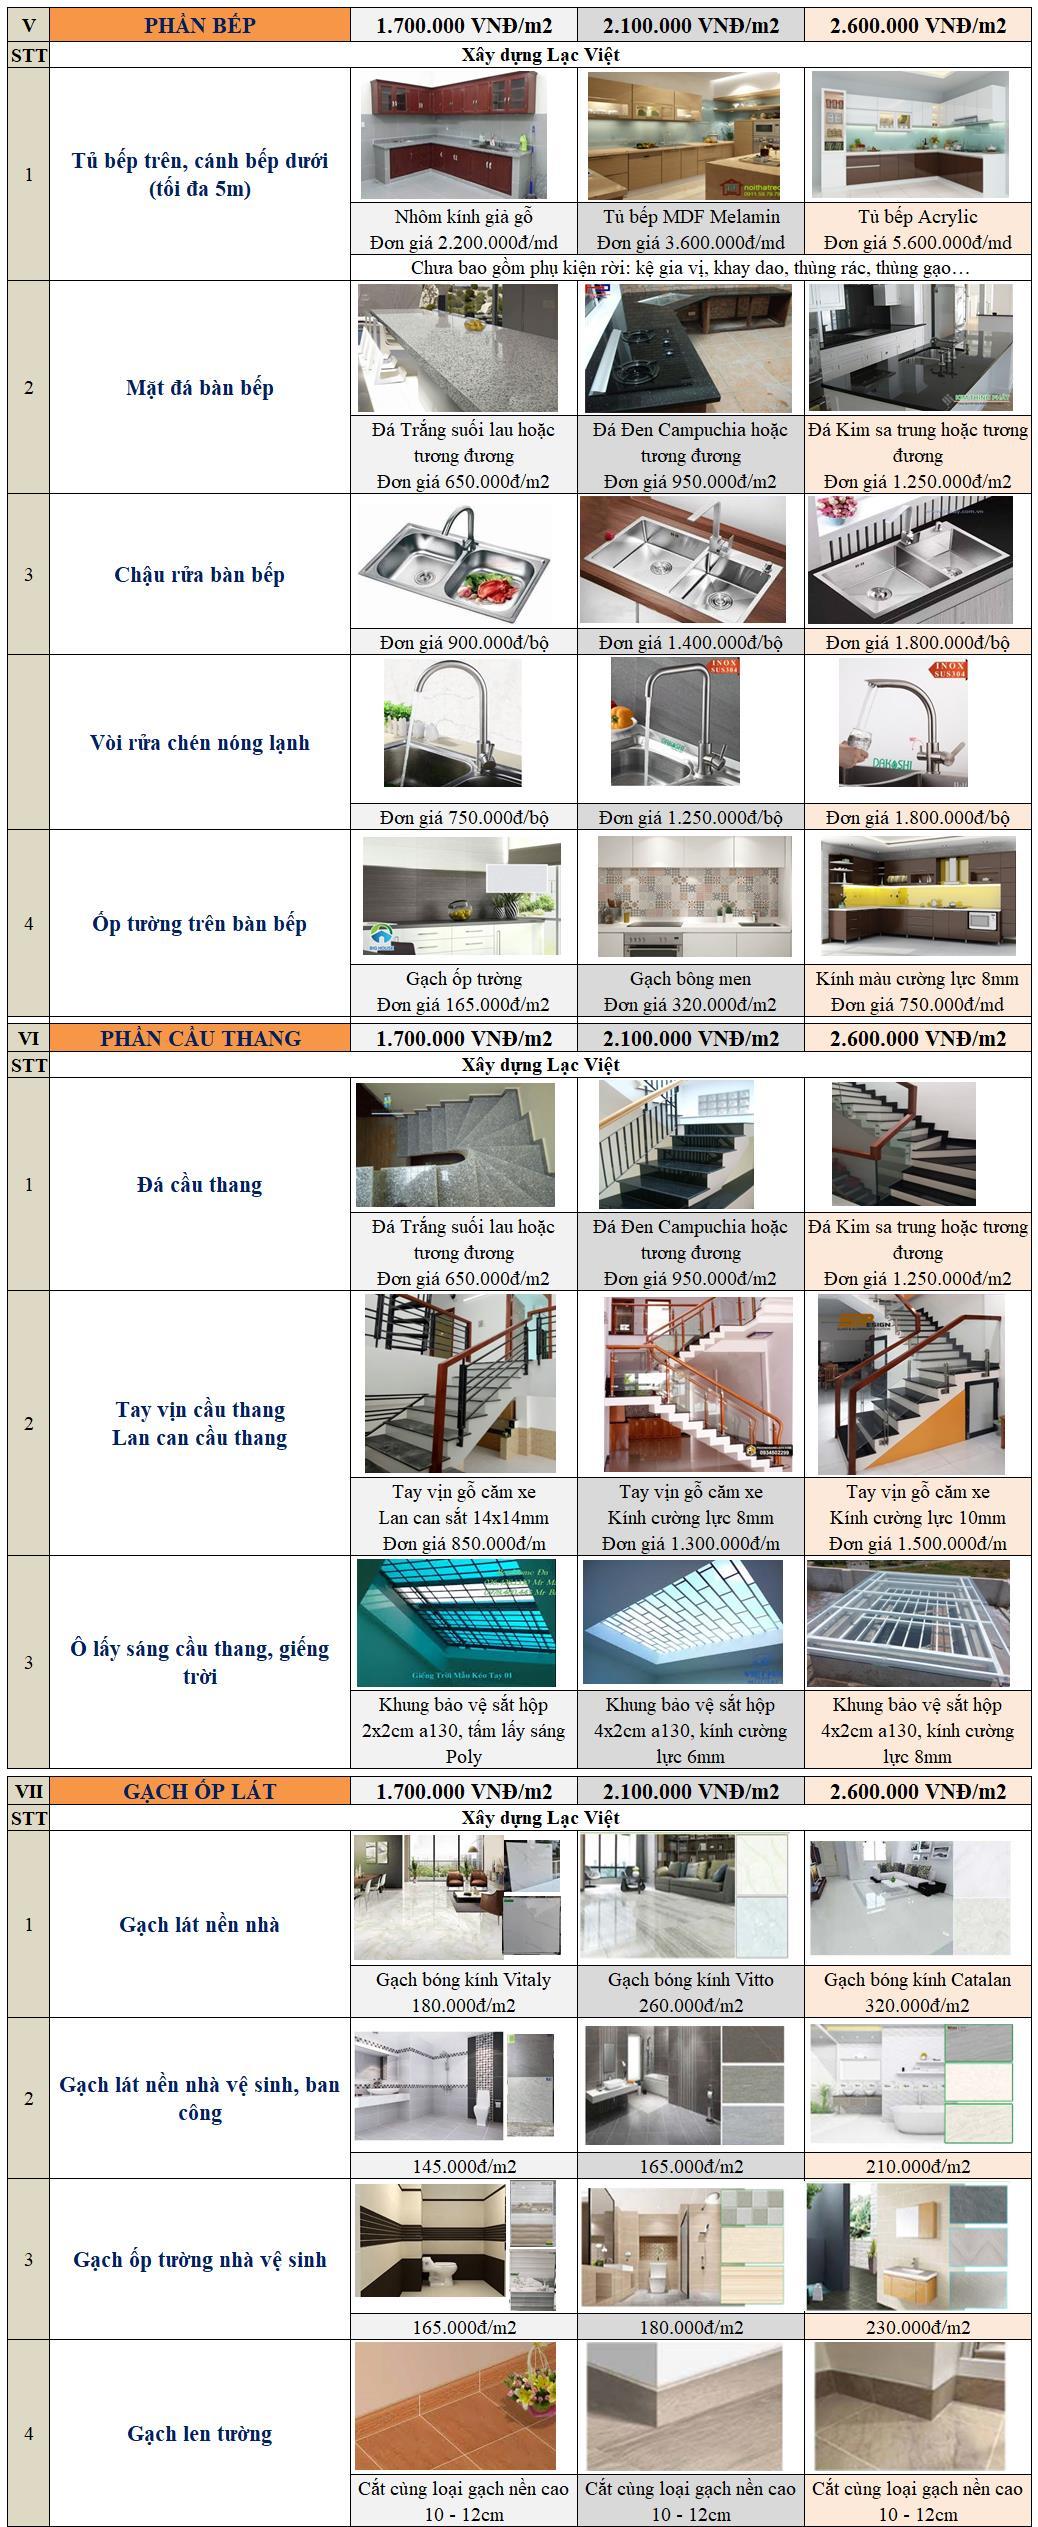 Bảng vật tư xây nhà trọn gói